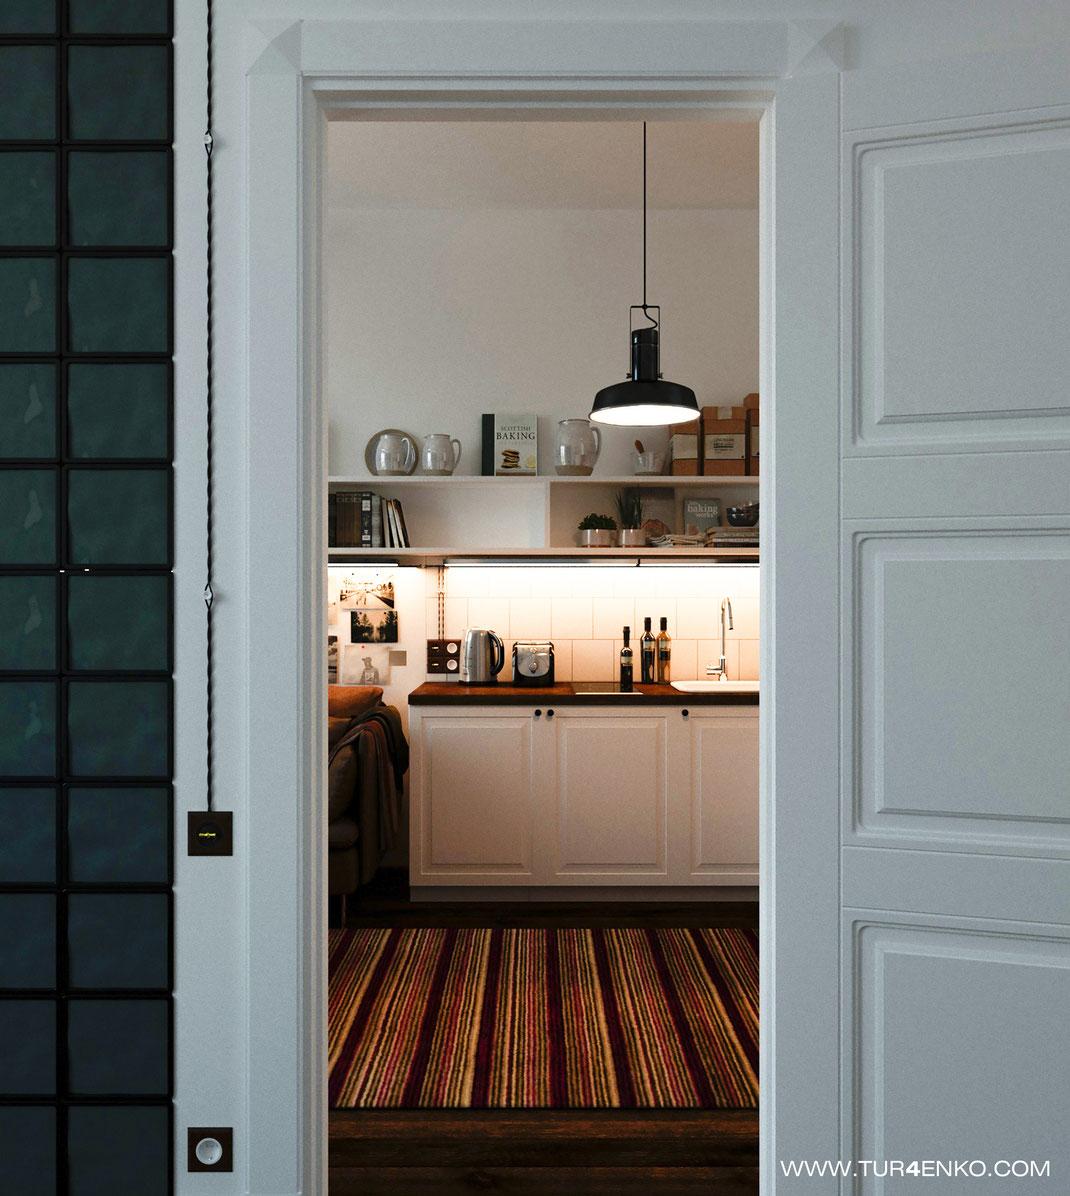 5 дизайн квартир Москва 89163172980 www.tur4enko.com